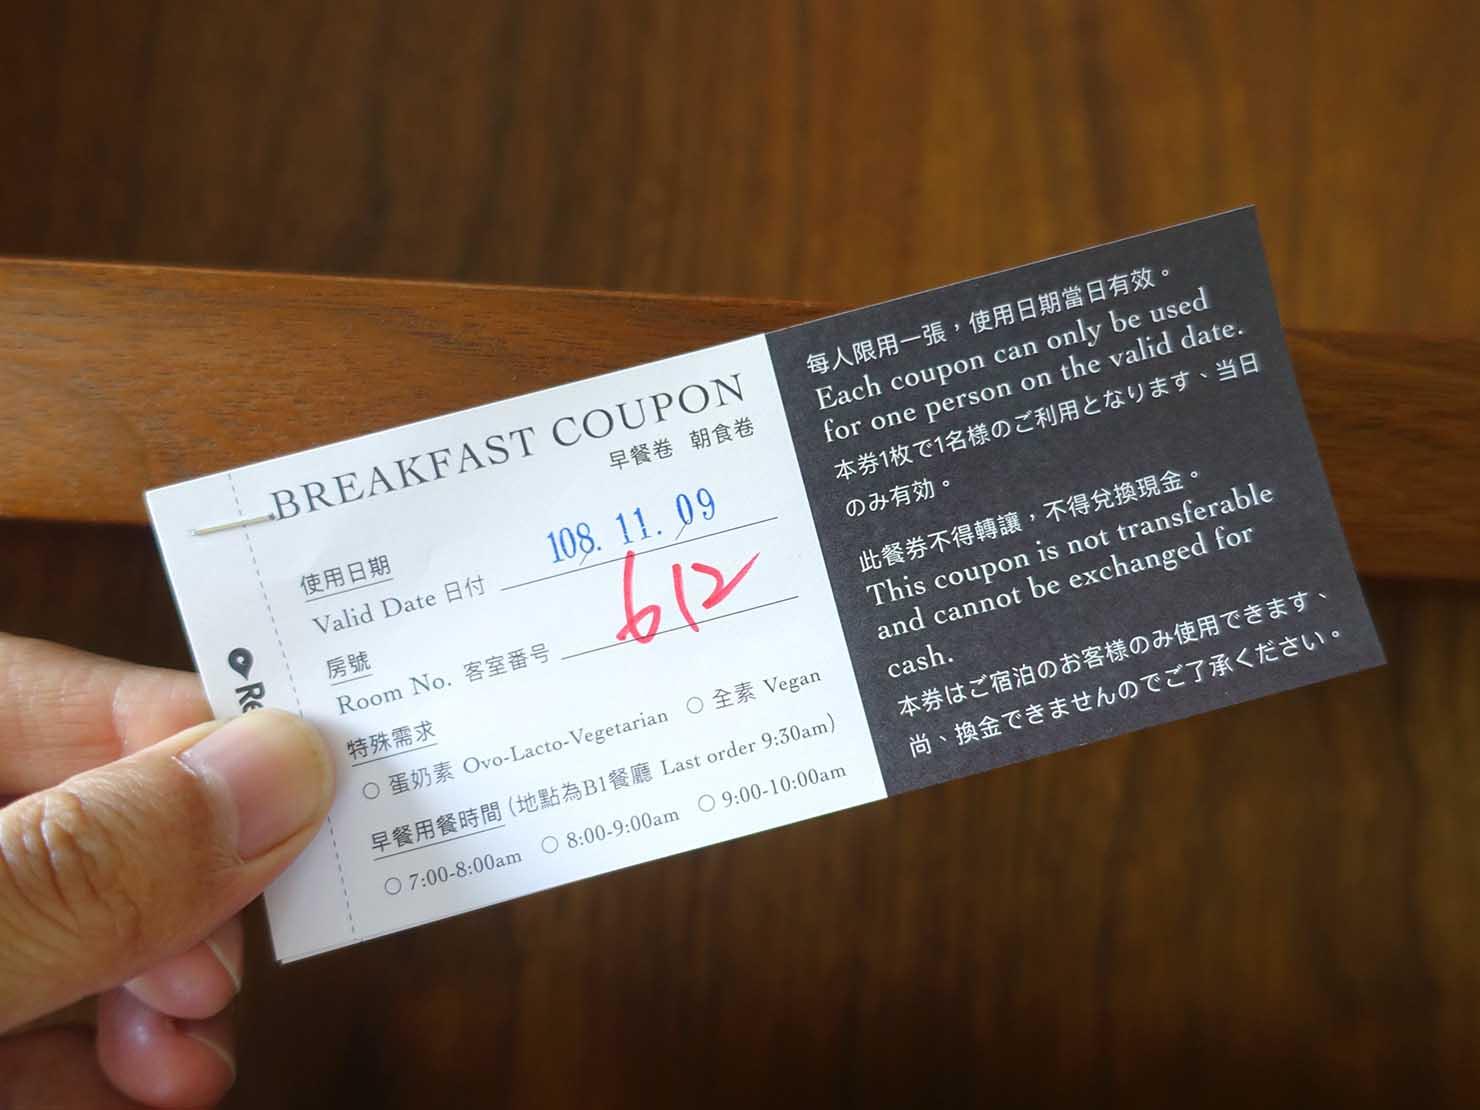 台中駅前のおすすめデザインホテル「紅點文旅 RedDot Hotel」旅人逆轉勝XS(ダブルルーム)の朝食チケット